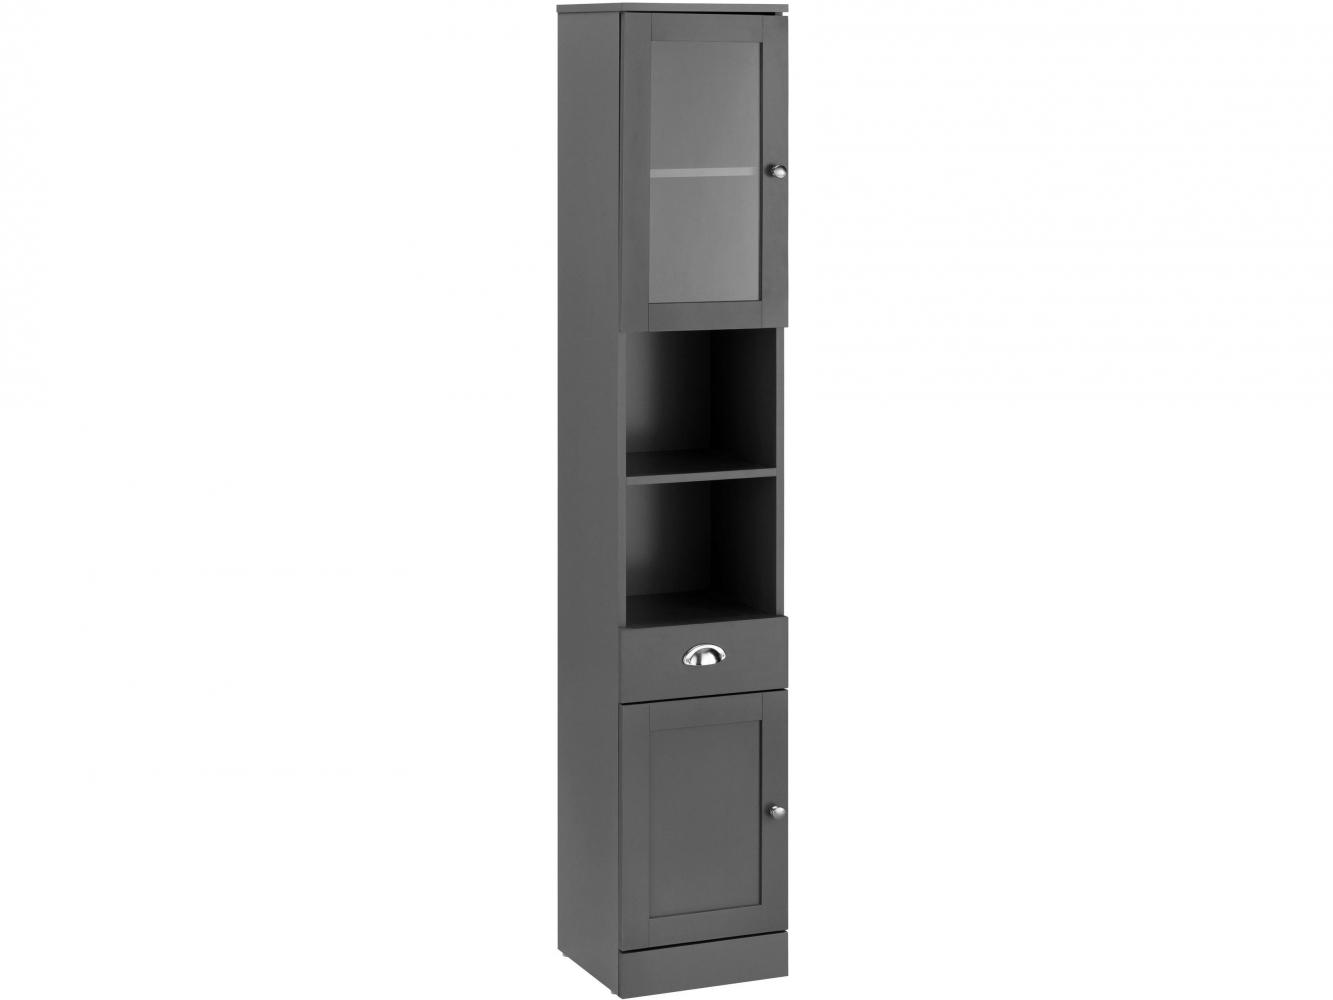 Koupelnová skříňka Kiley I., 180 cm, šedá